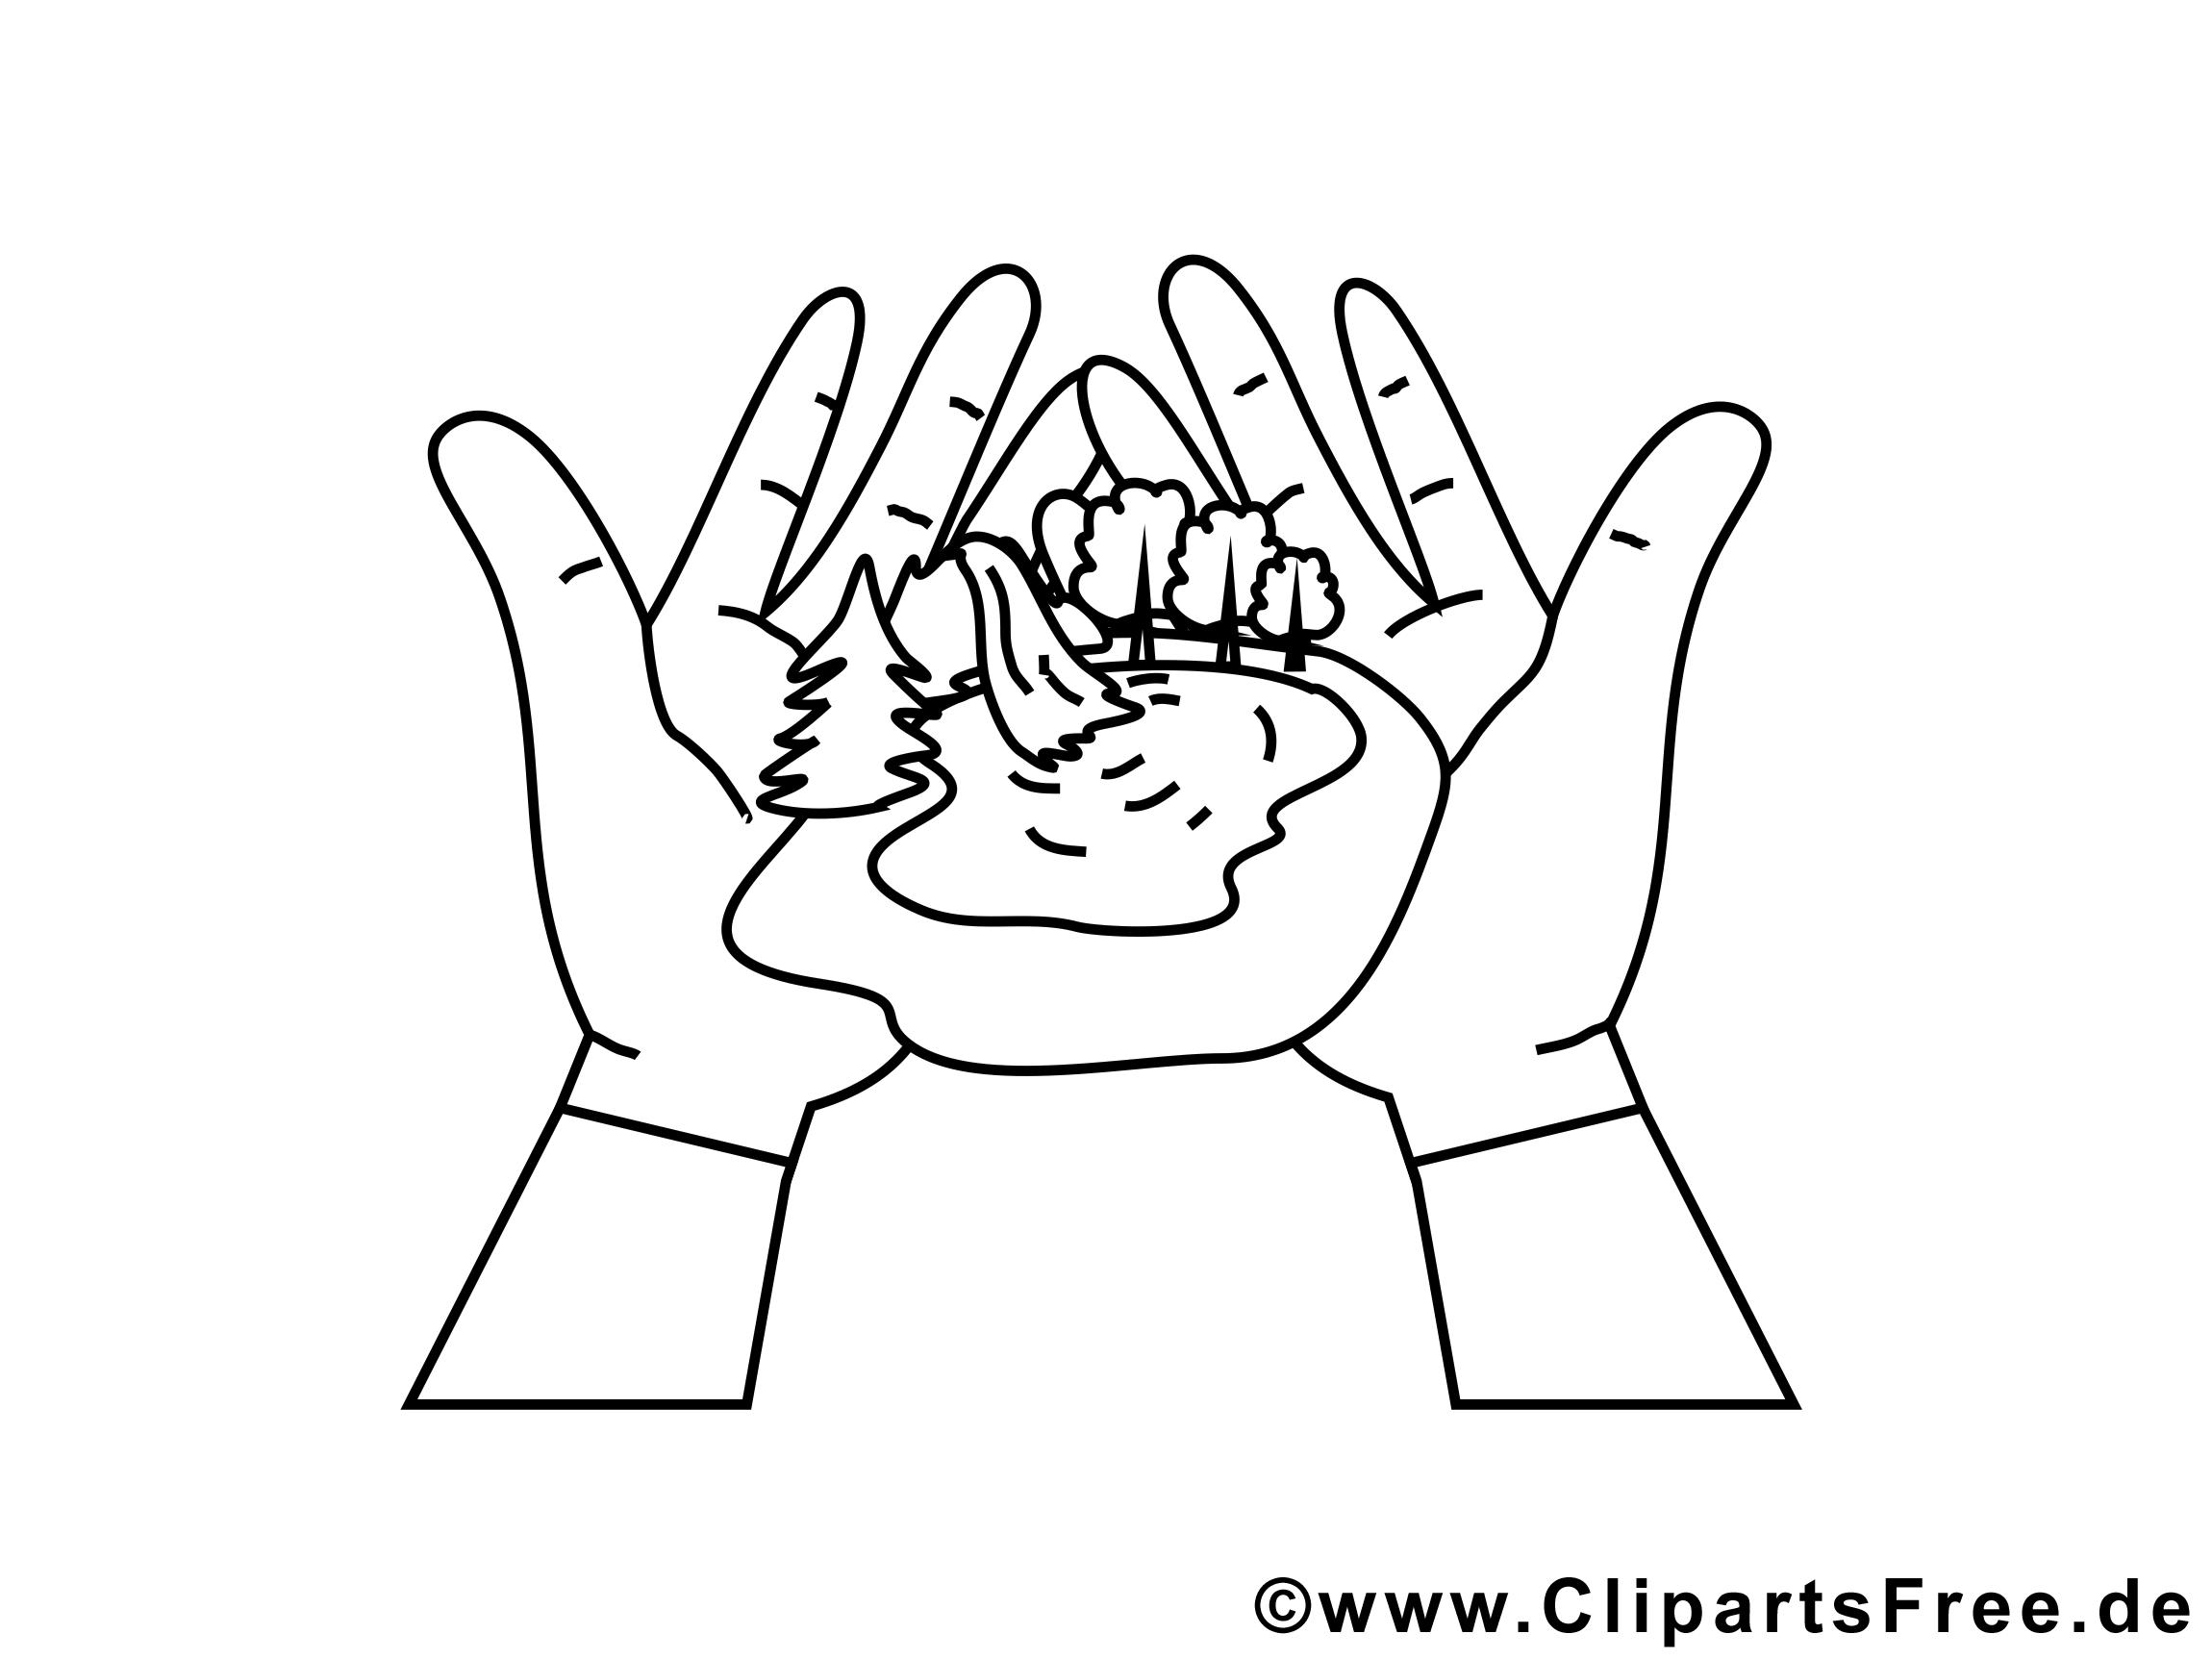 Mains dessin gratuit cole colorier l 39 cole coloriages dessin picture image graphic - Dessin de mains ...